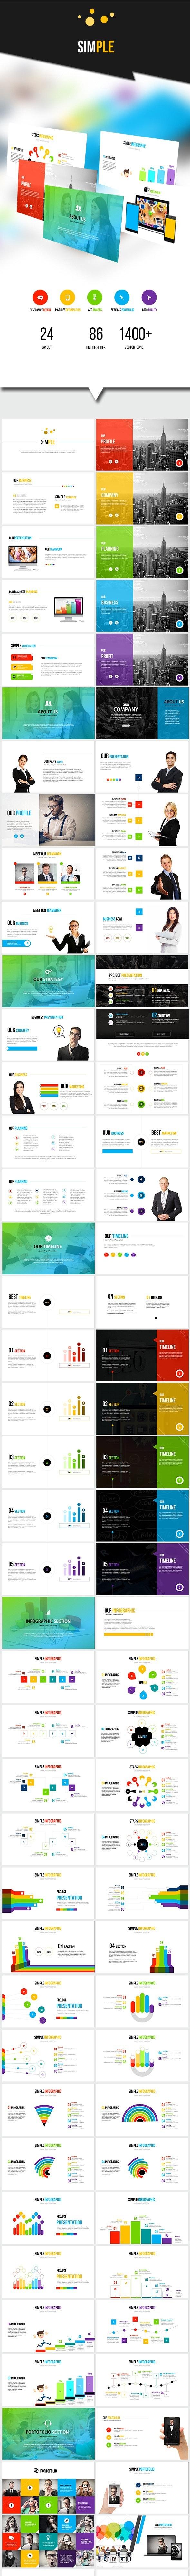 2 in 1 - Google Slides Template Bundle - Google Slides Presentation Templates